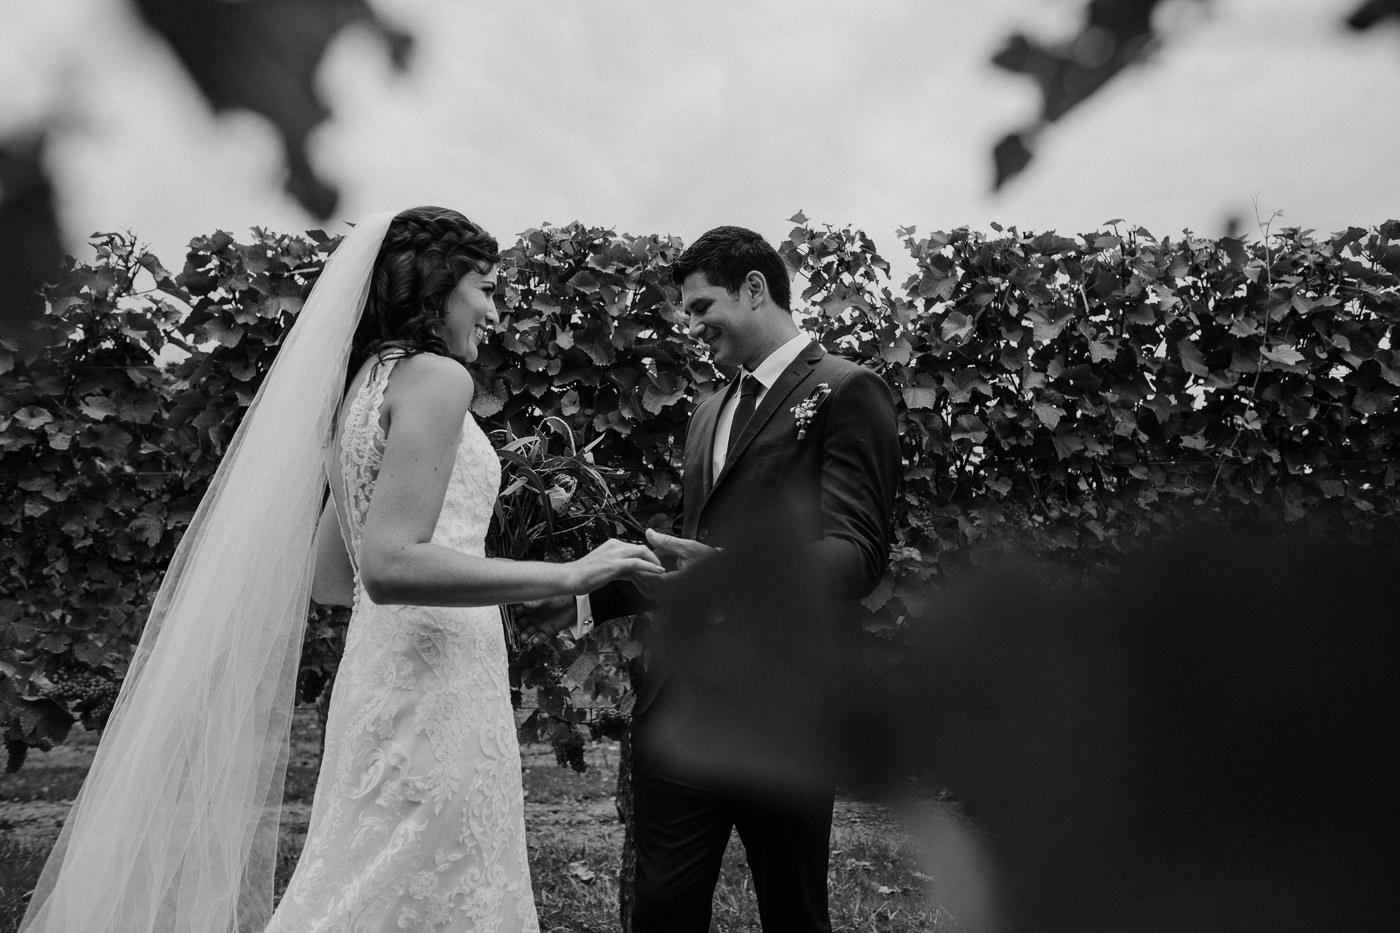 nz_wedding_photographer_gisborne-1031.jpg